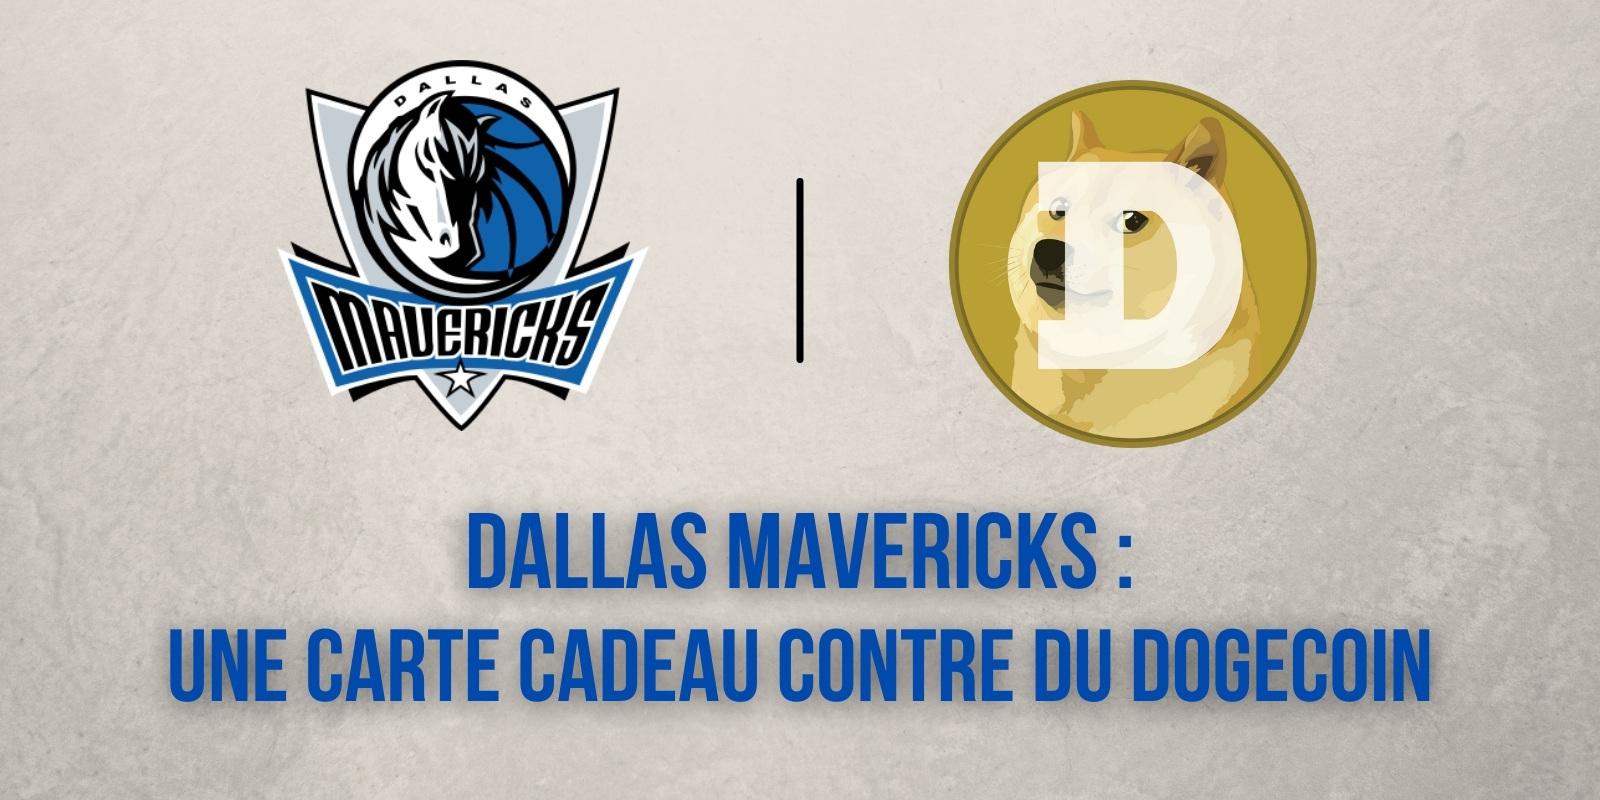 Les Mavericks de Dallas récompensent les fans faisant des achats avec du Dogecoin (DOGE)